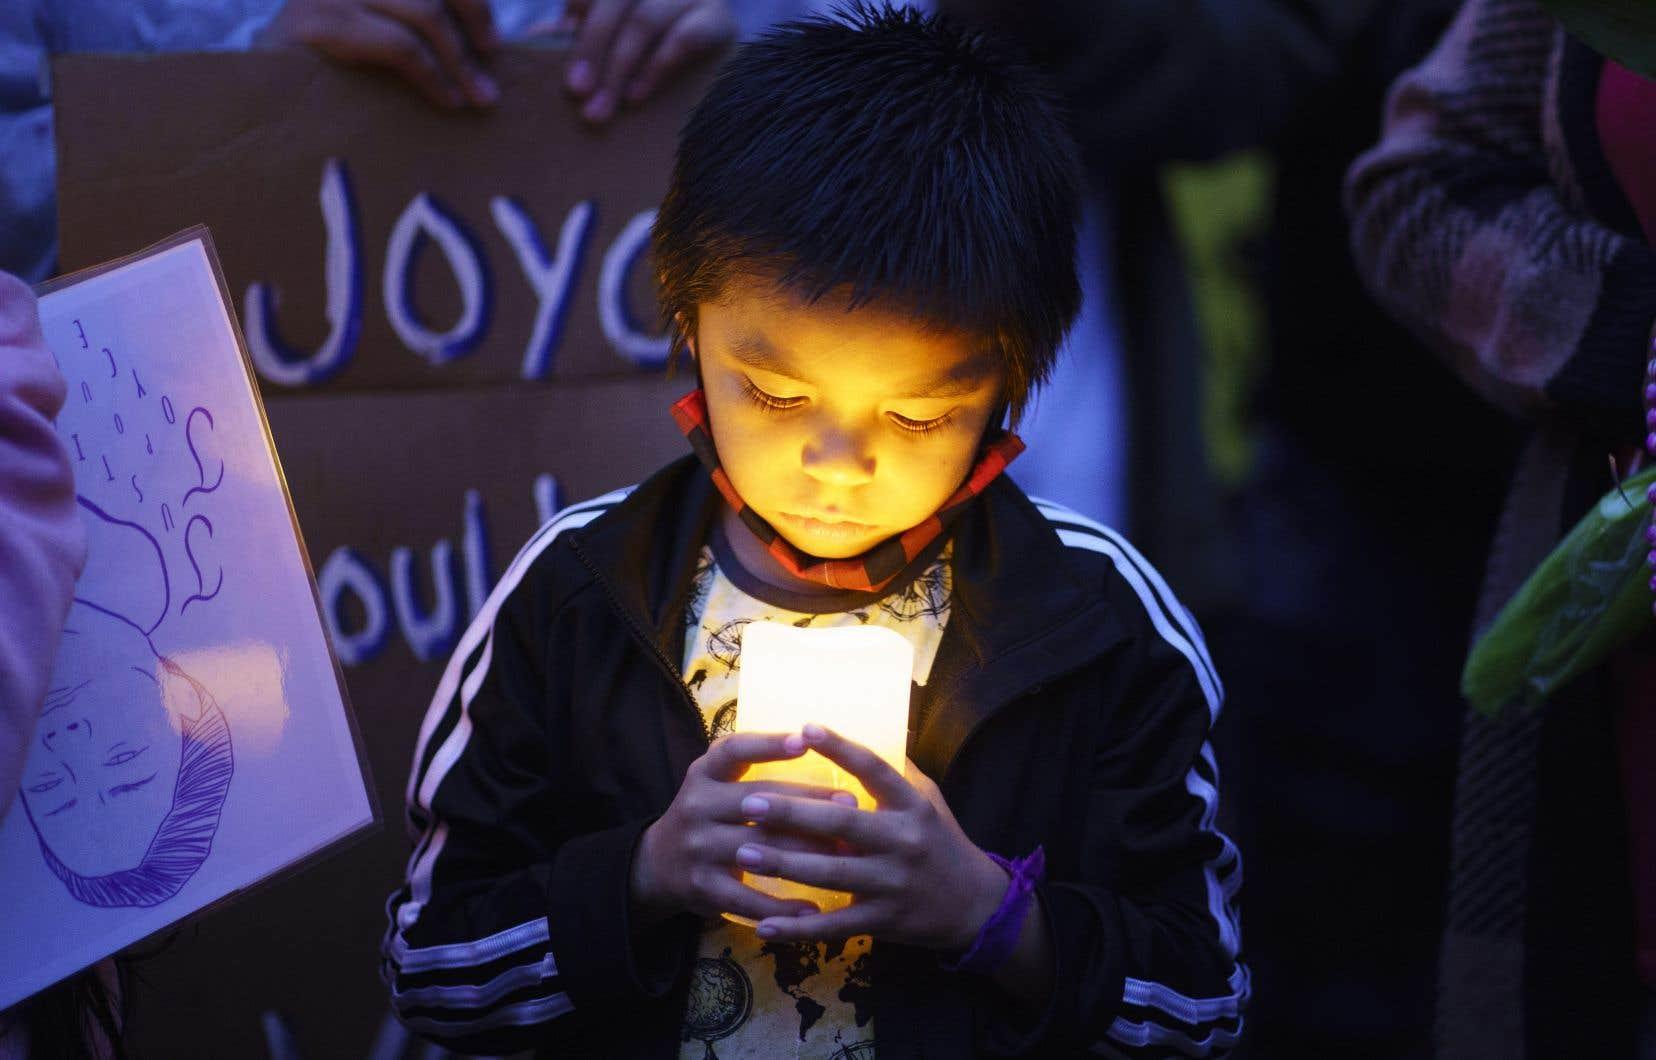 Au Québec, le racisme a, l'an dernier, accompagné, dans un hôpital, la triste fin de l'Attikamek Joyce Echaquan. Redevient urgente comme jamais l'ouverture à la diversité humaine.